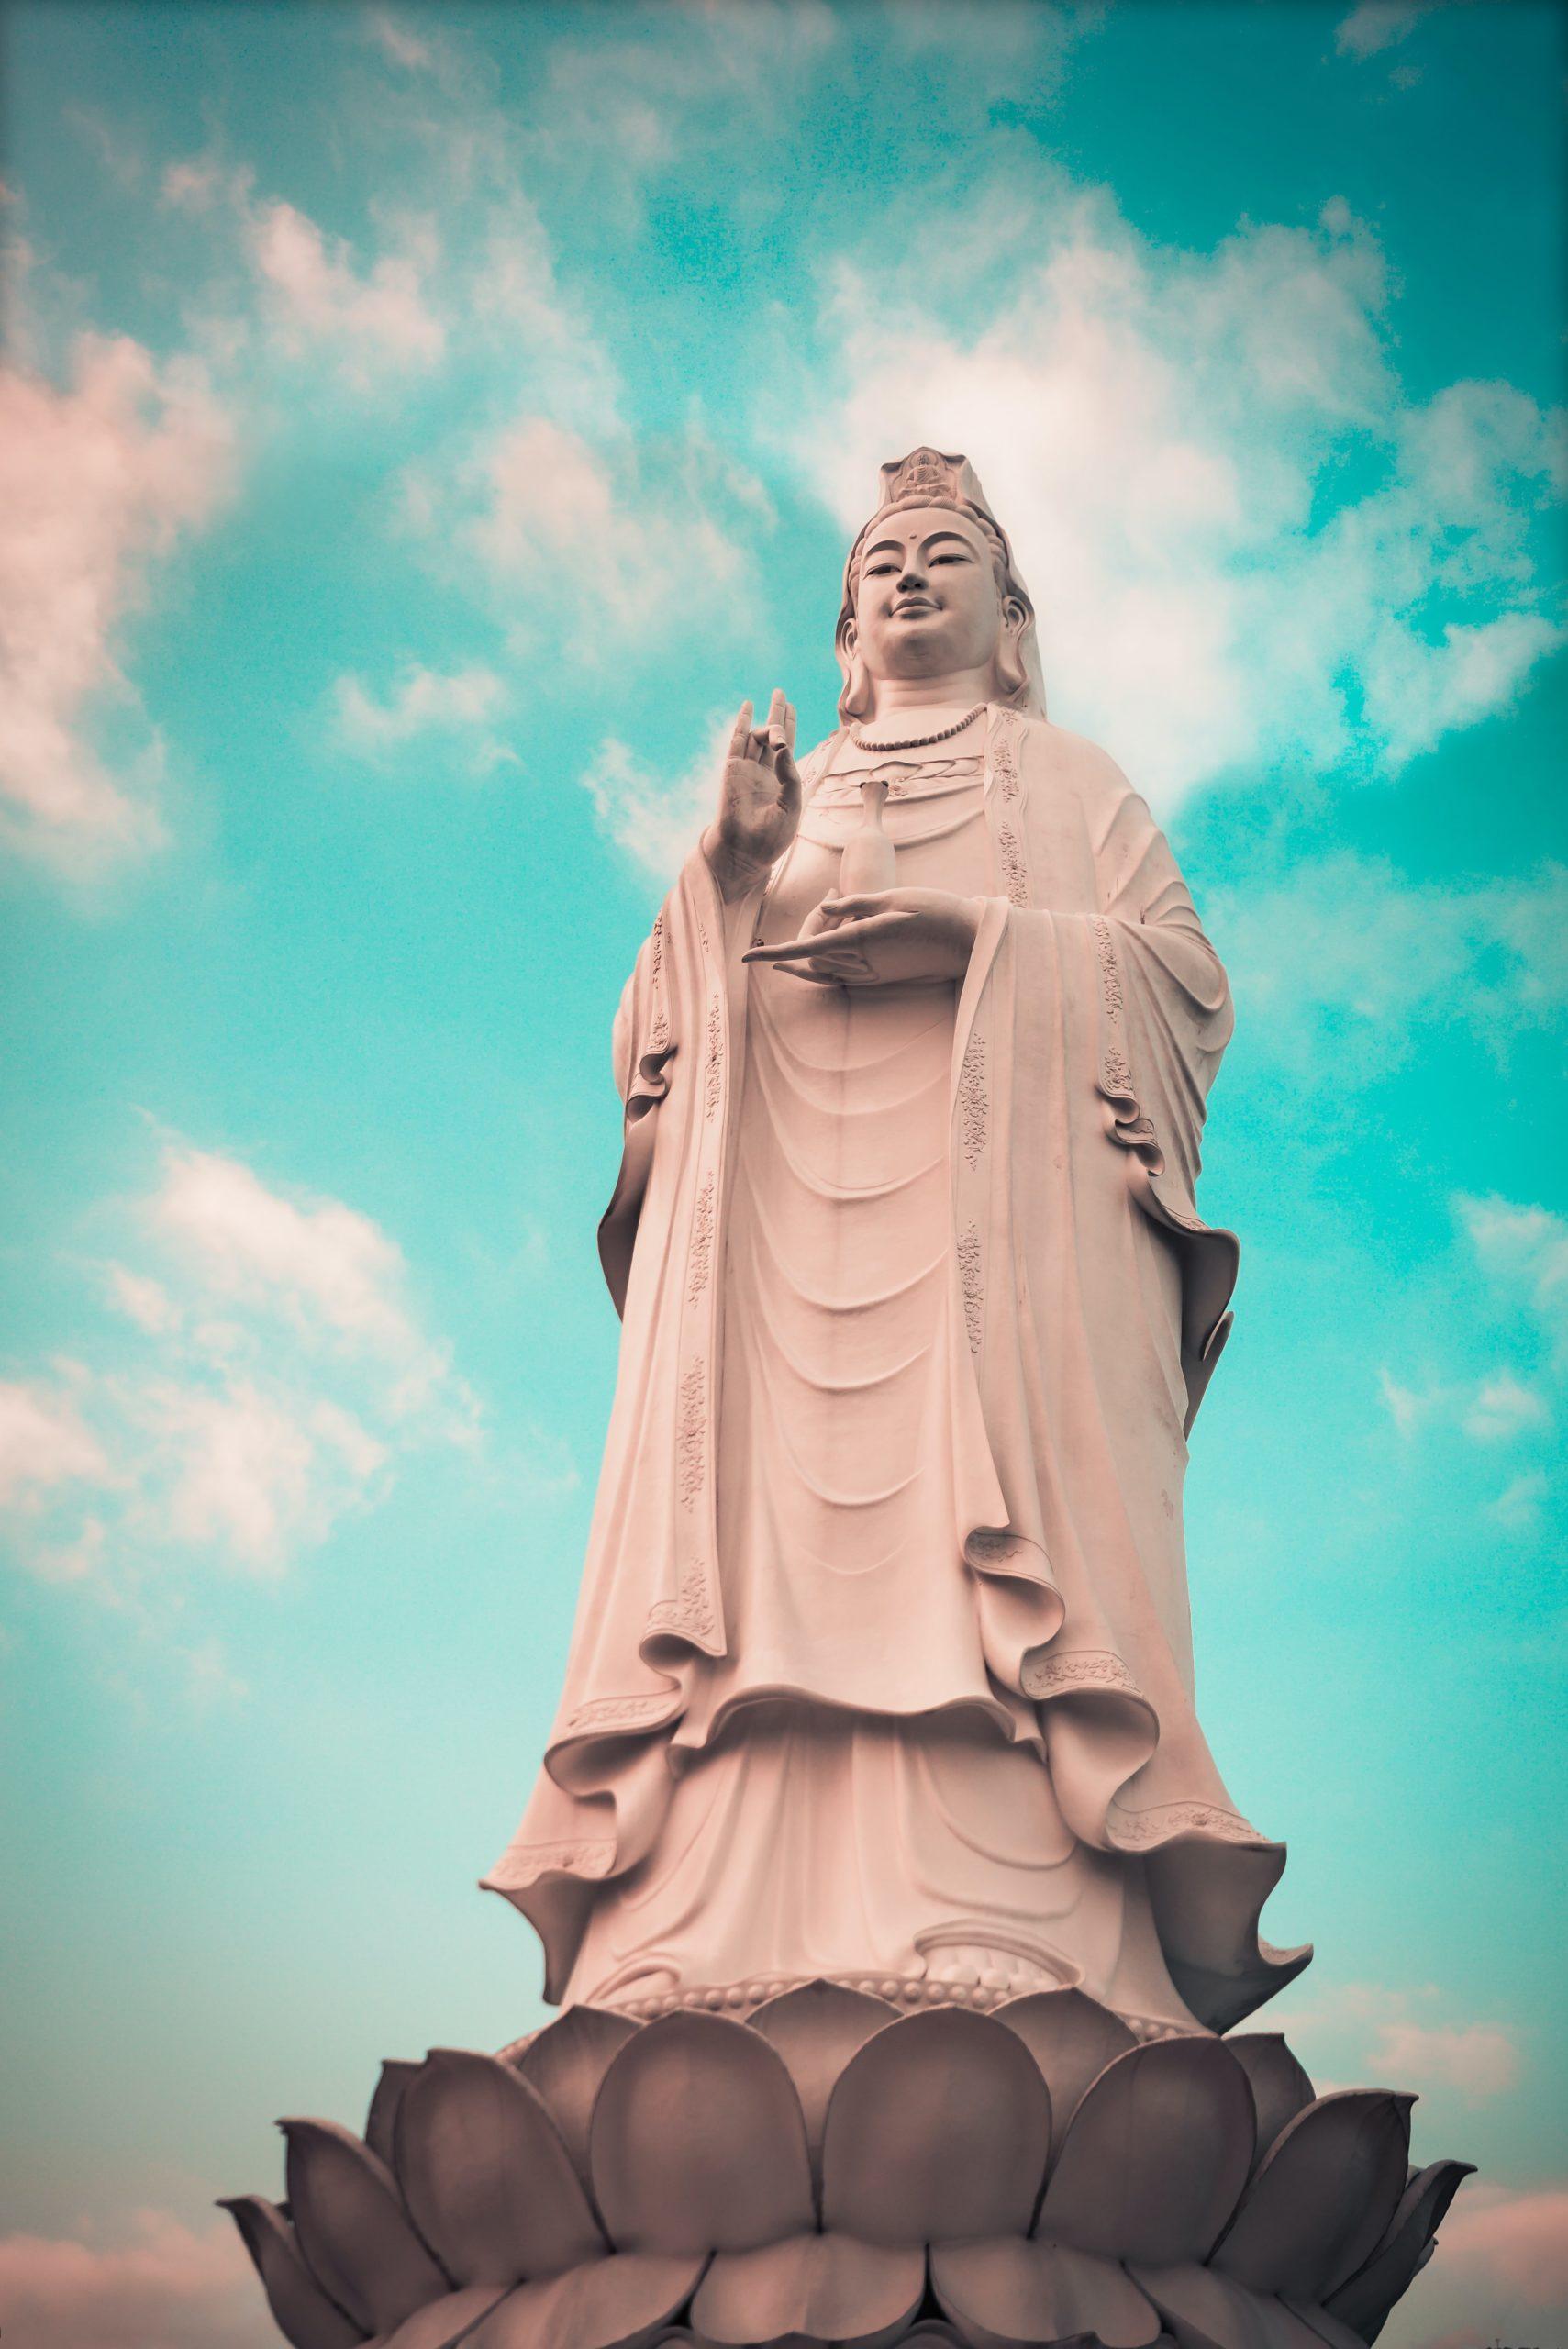 【广海明月】第317讲 造者殊胜-得已于教所作事业——题纲研讨